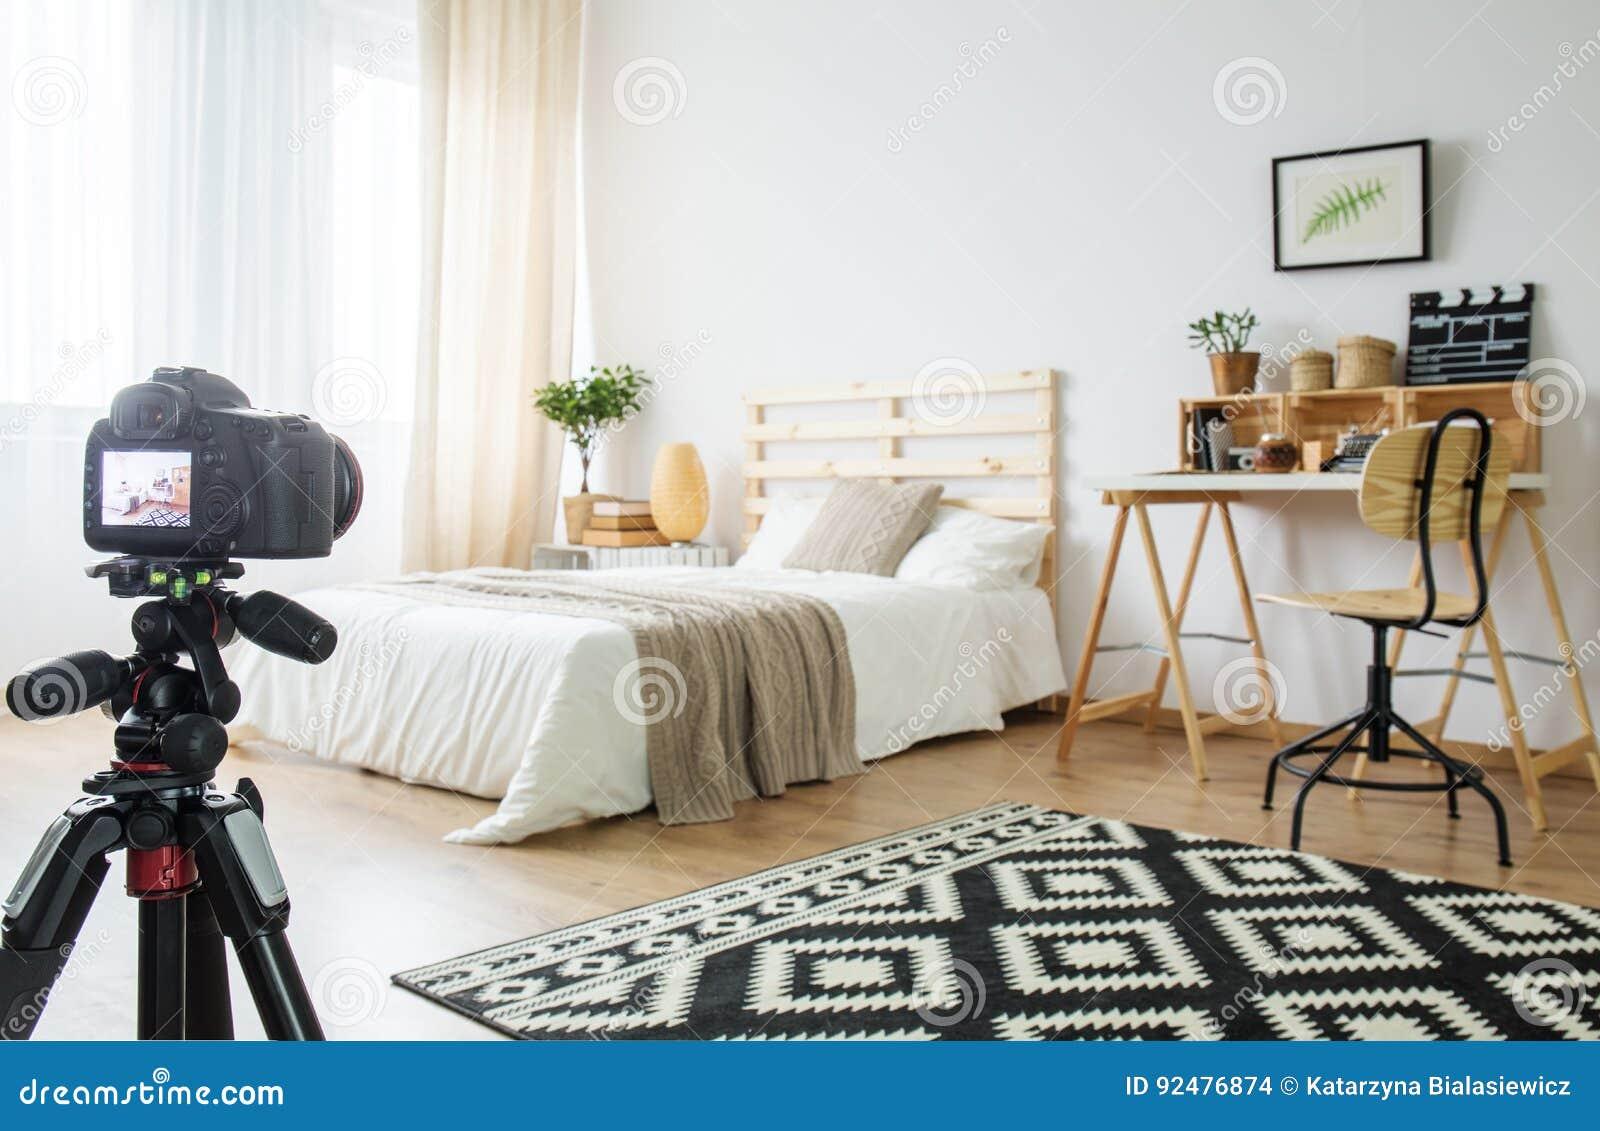 Камера в комнате